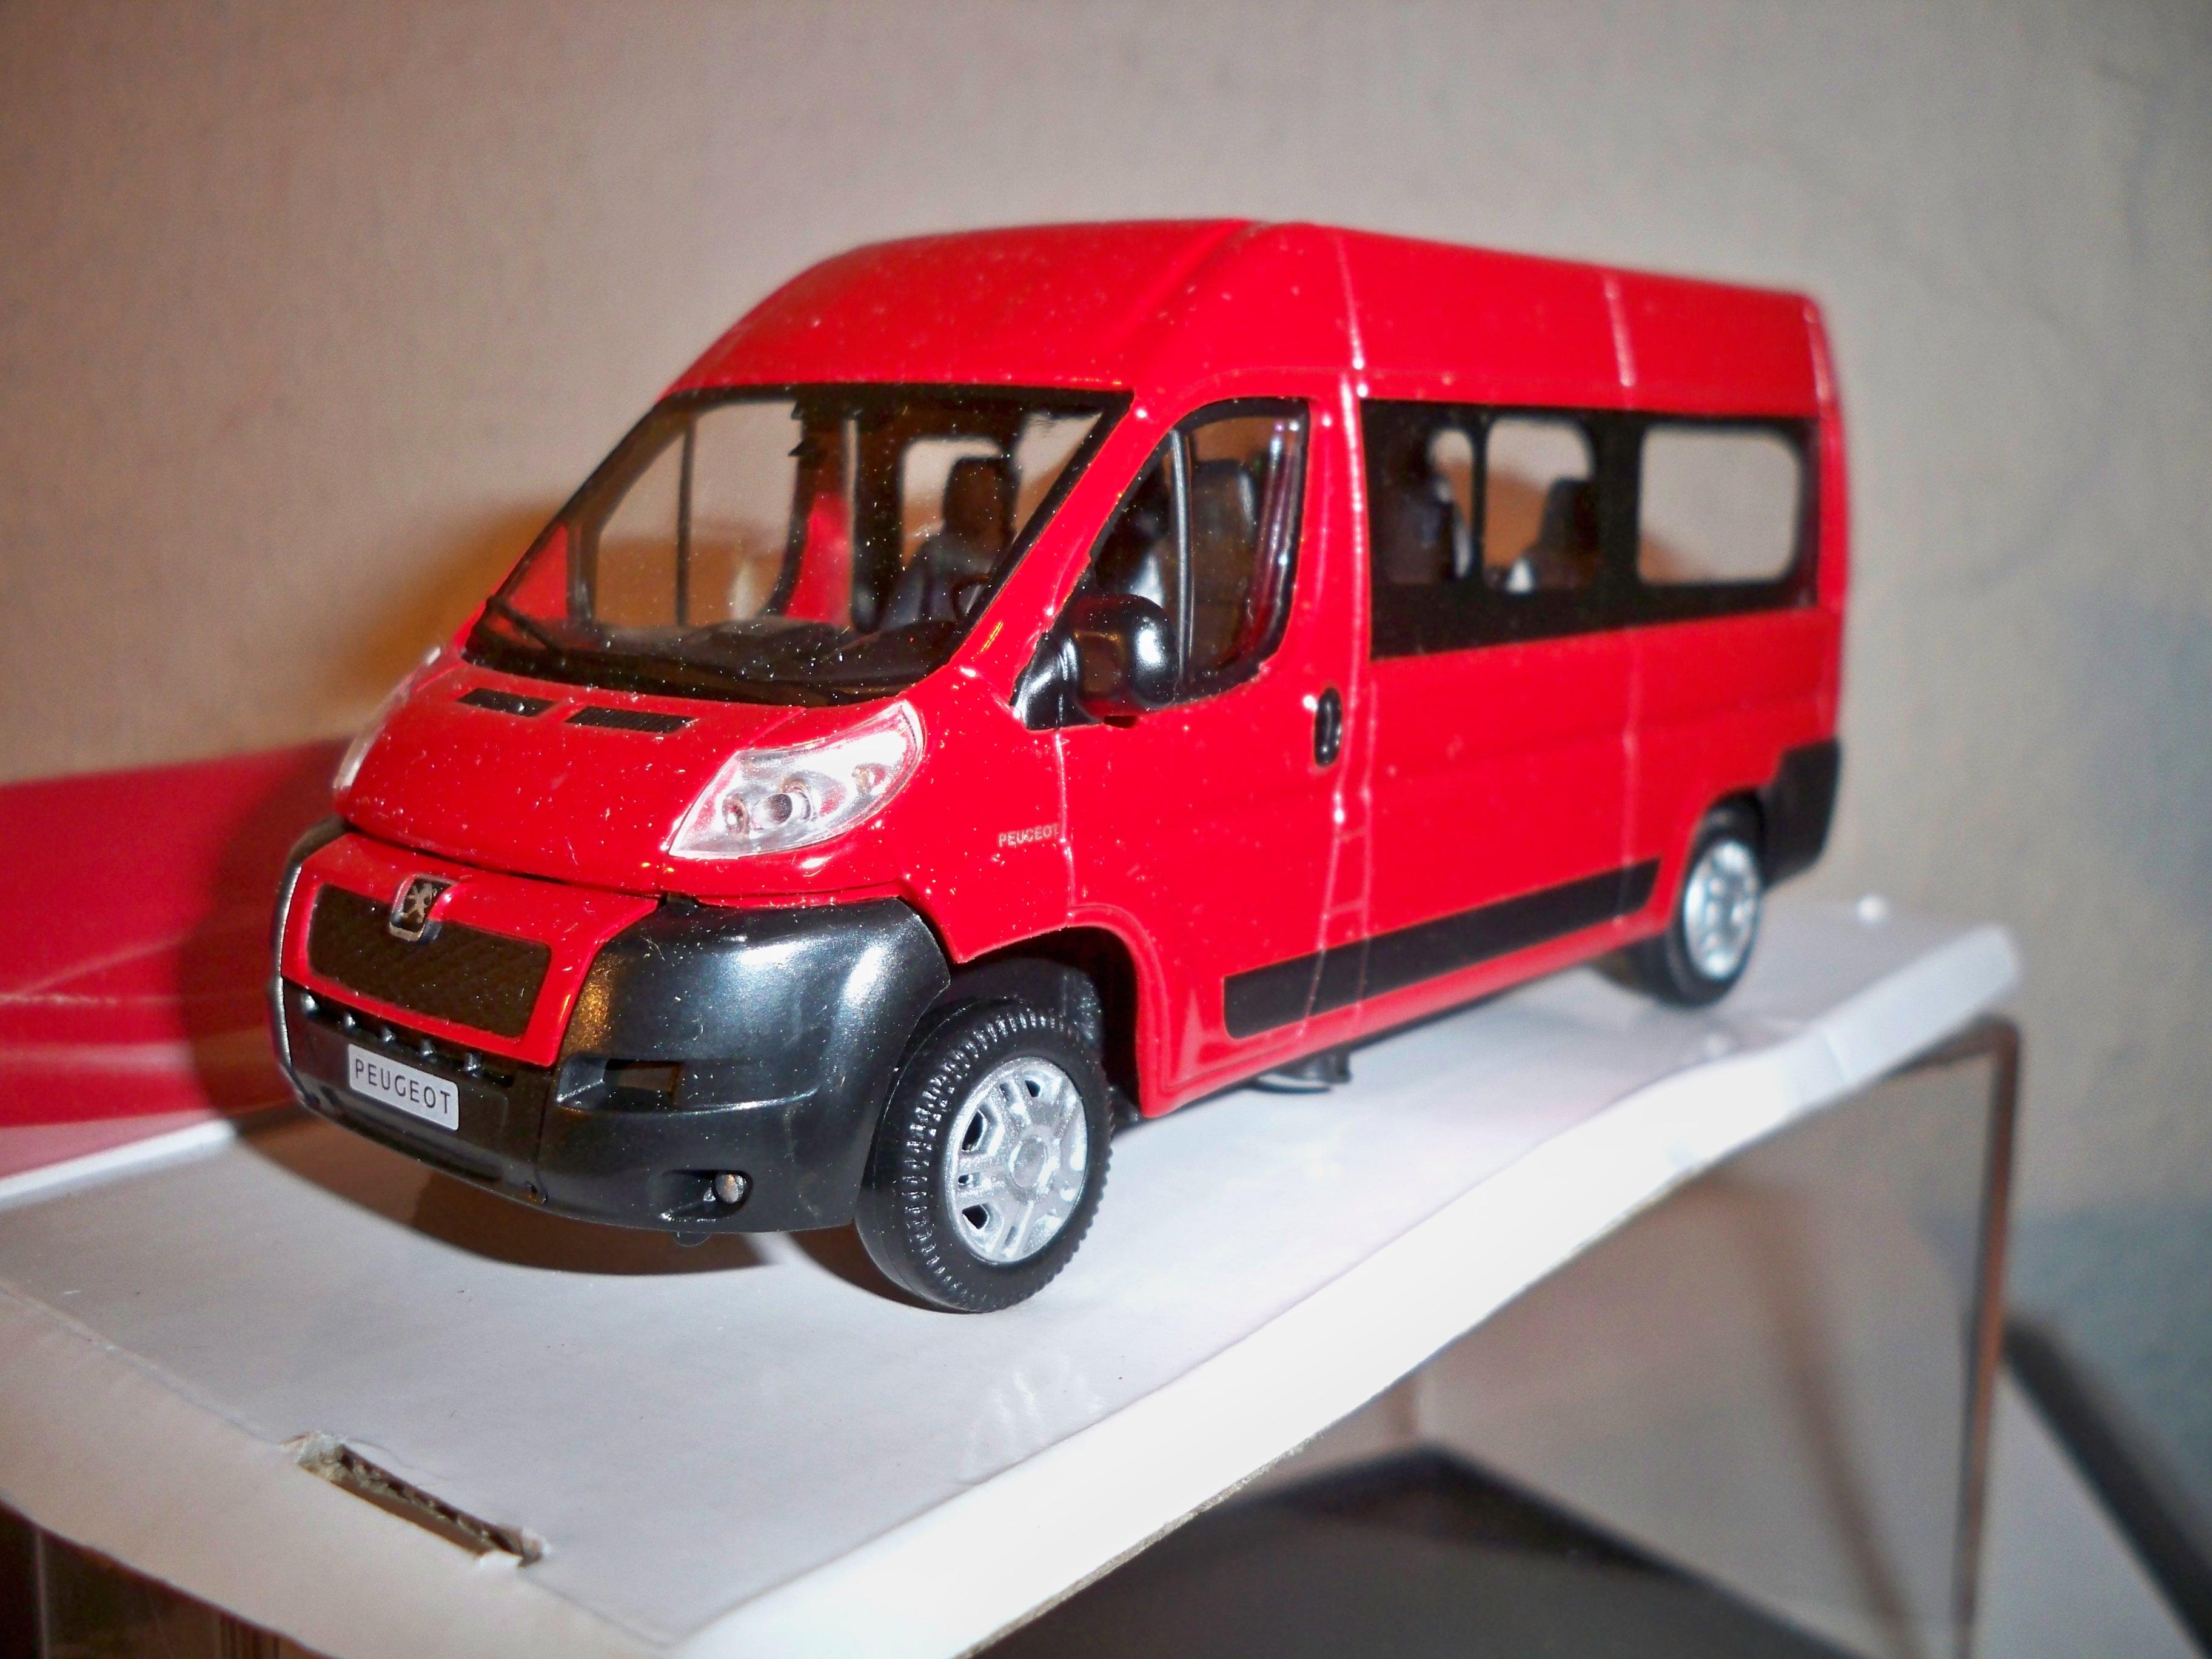 2008 peugeot boxer model cars hobbydb. Black Bedroom Furniture Sets. Home Design Ideas